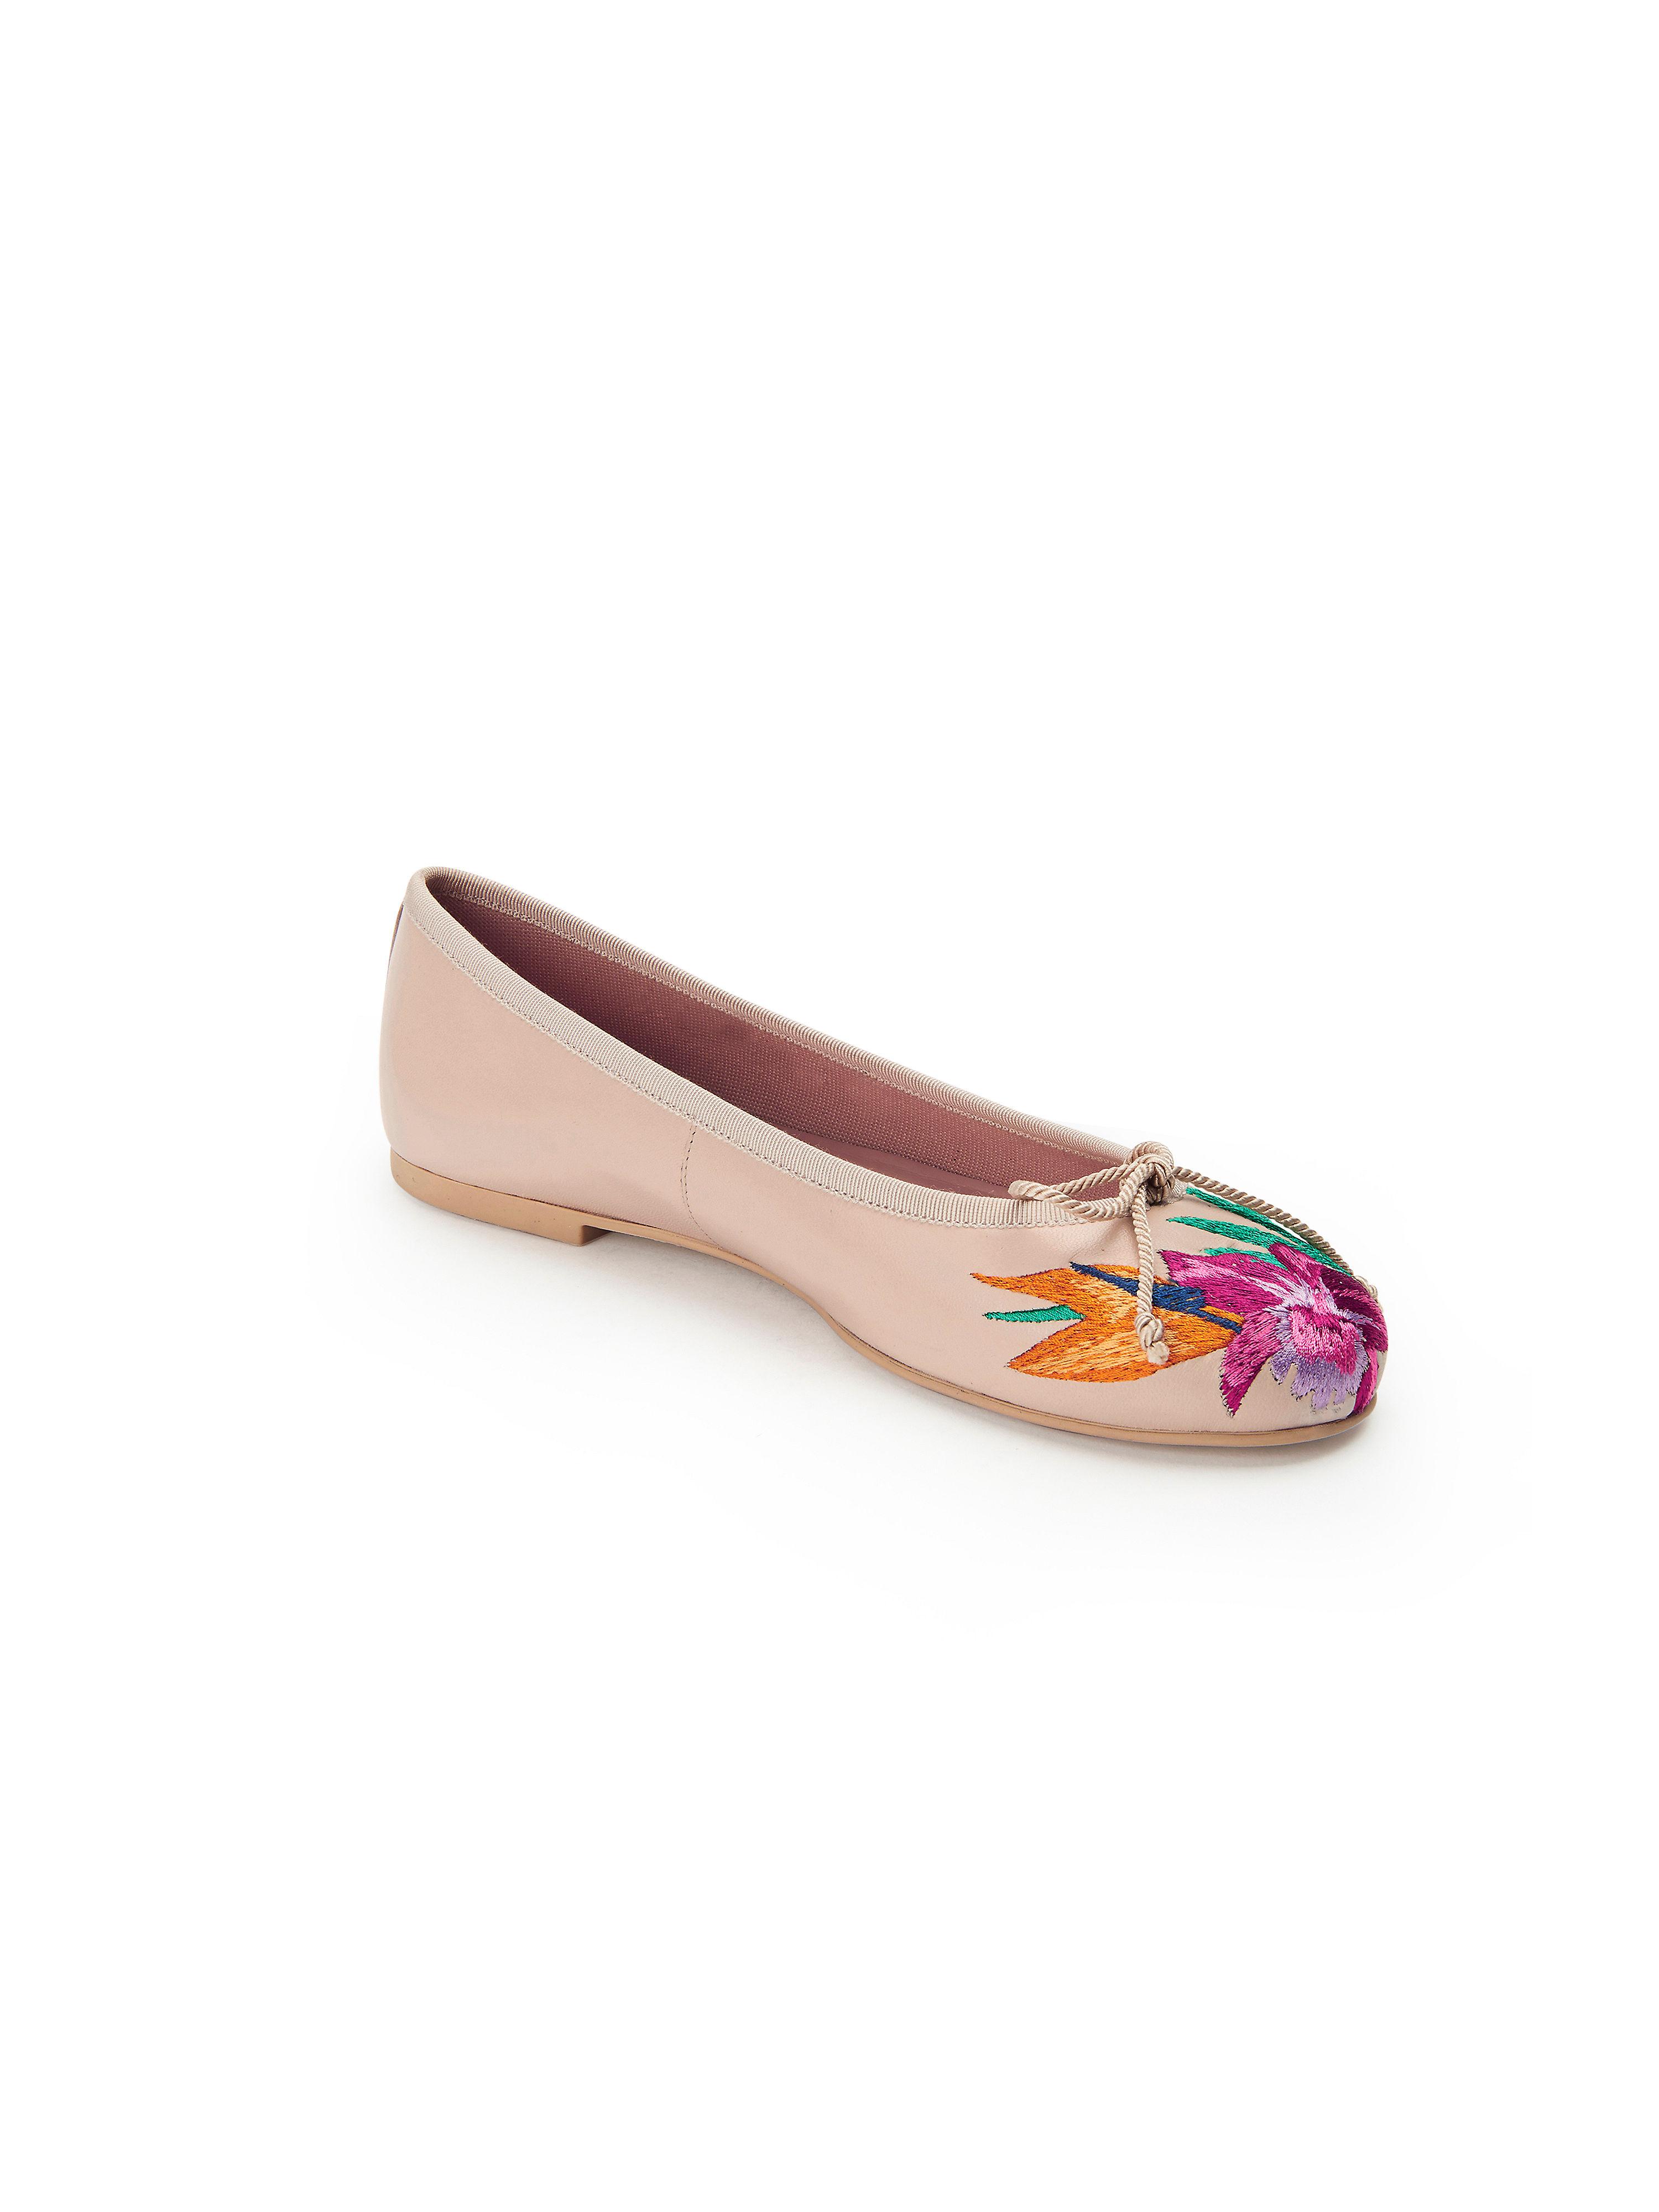 Pretty Ballerinas - Ballerina aus 100% Leder - Nude/Multicolor Gute Qualität beliebte Schuhe